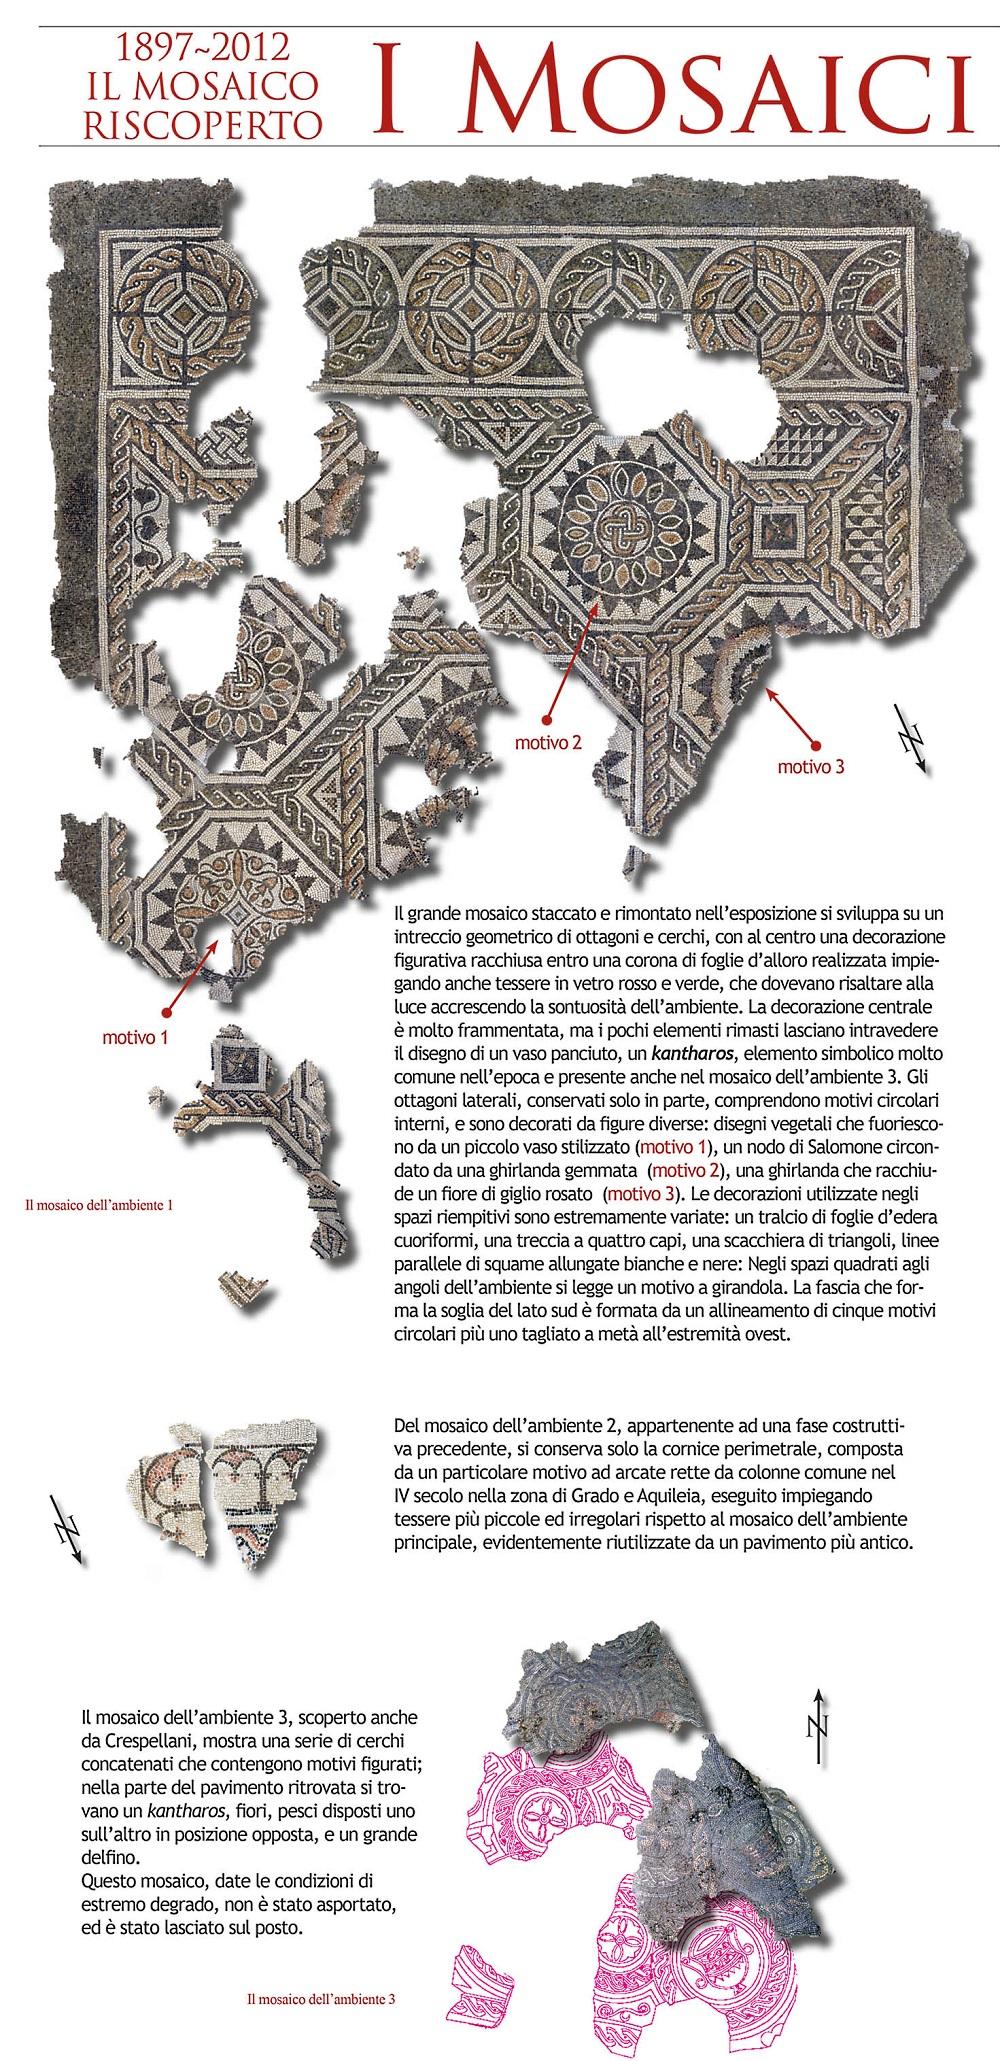 mosaico5